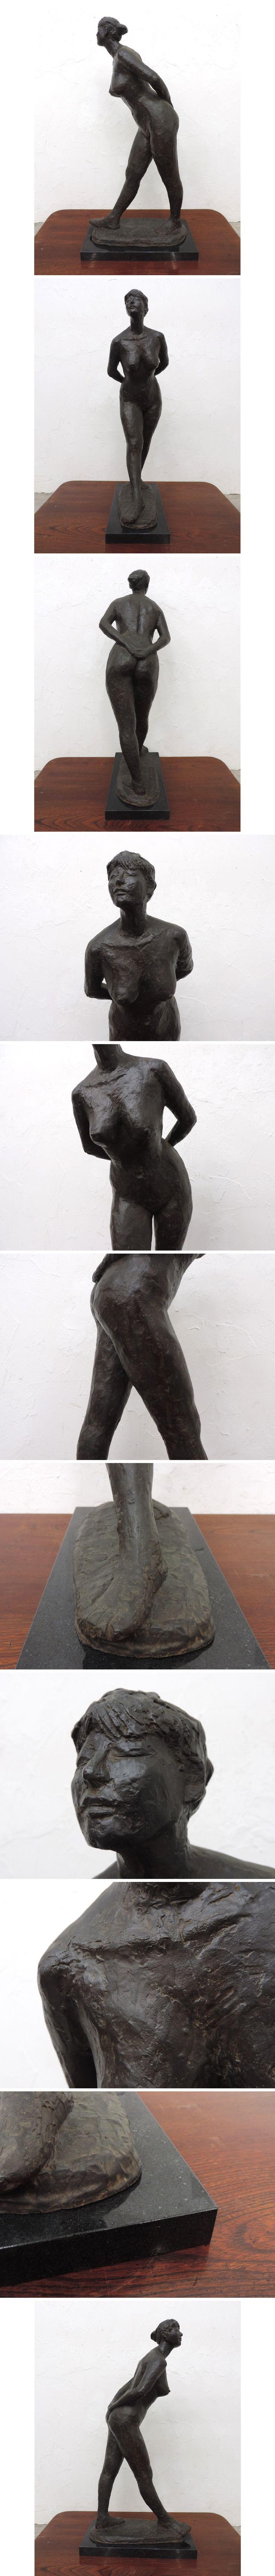 裸婦のブロンズ像73cm大理石台/近代彫刻高村光太郎ロダン  - ヤフオク!